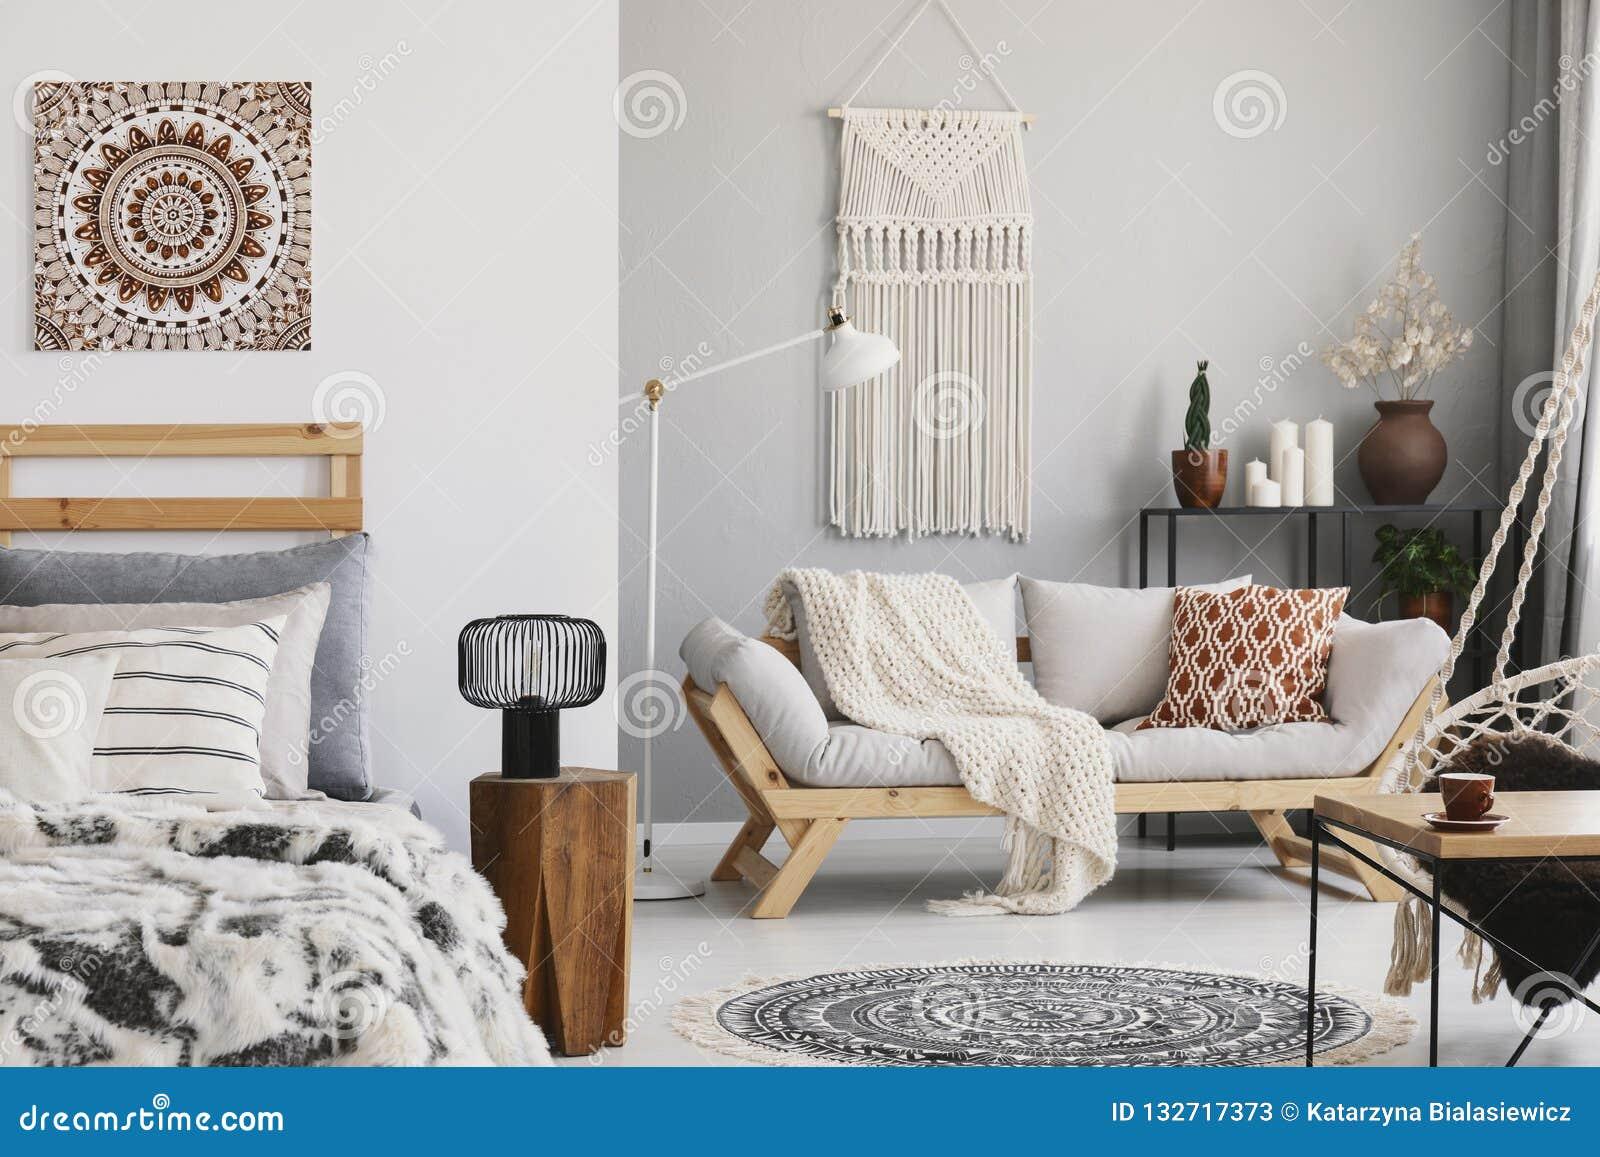 Kleine open plek vlak binnenlands met beige bank met kussen, macramé op de muur, rek met kaarsen en installaties en bed met